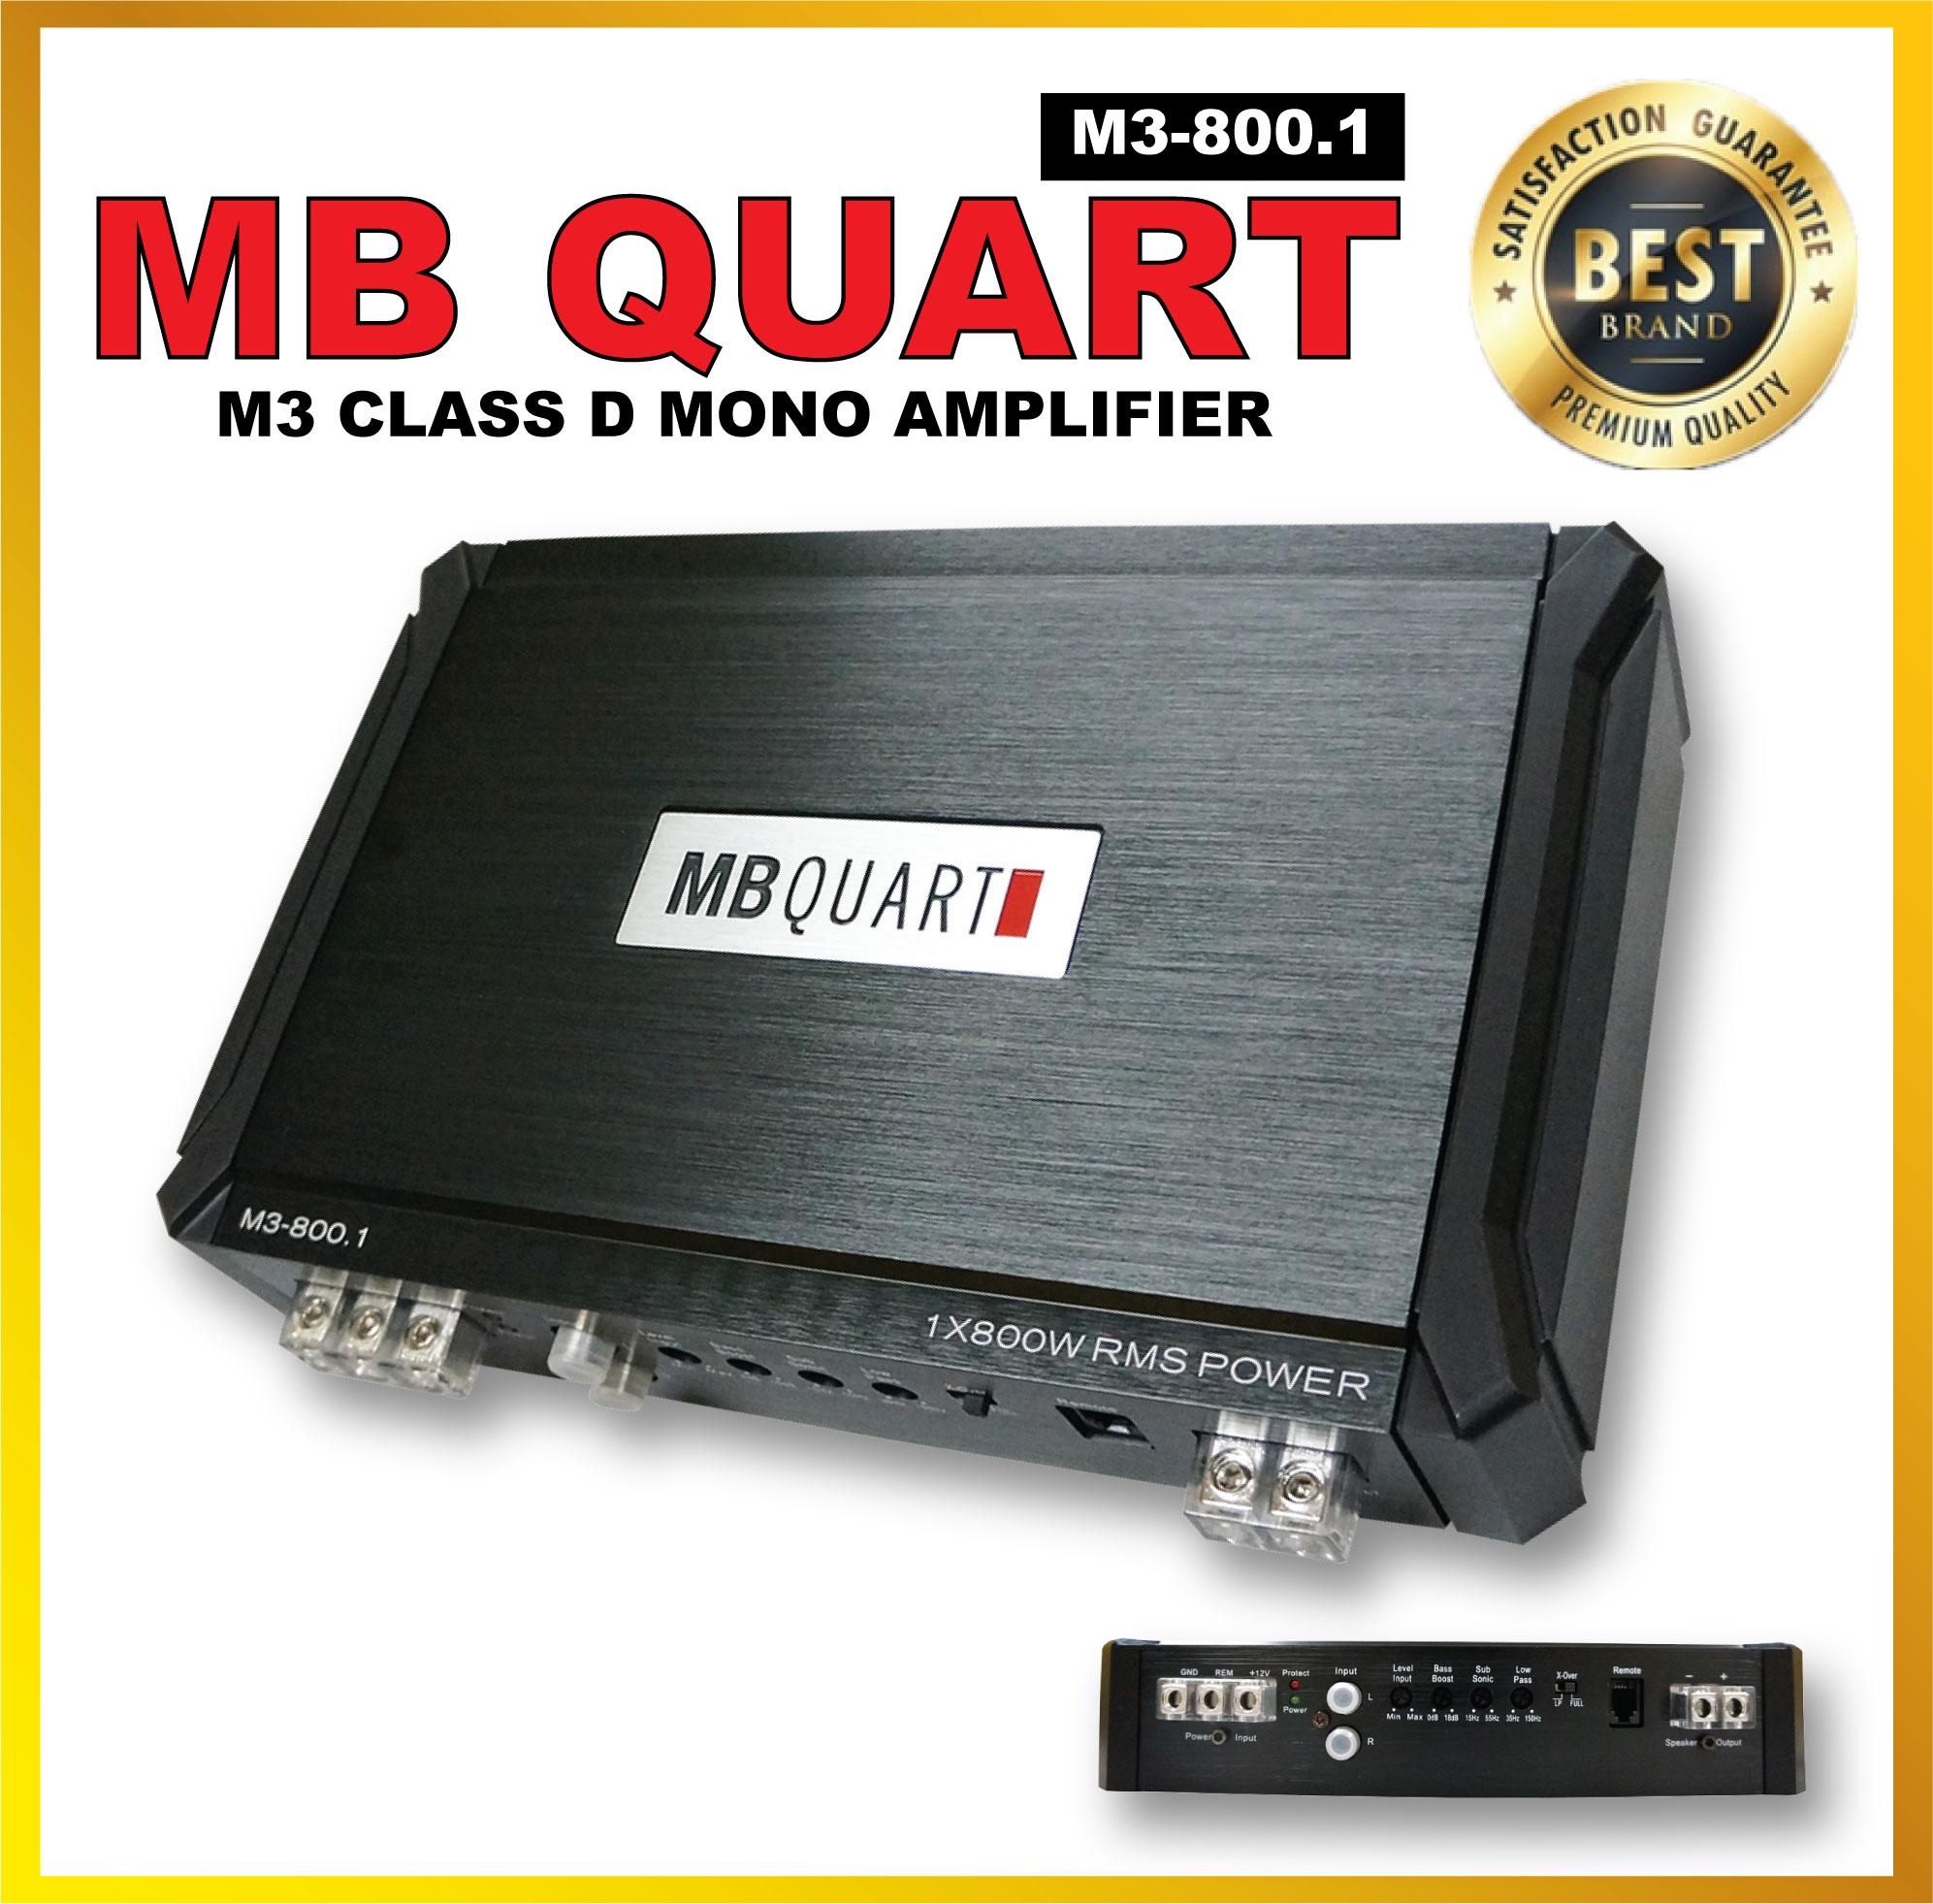 M3-800.1 - MB QUART M3 CLASS D MONO AMPLIFIER